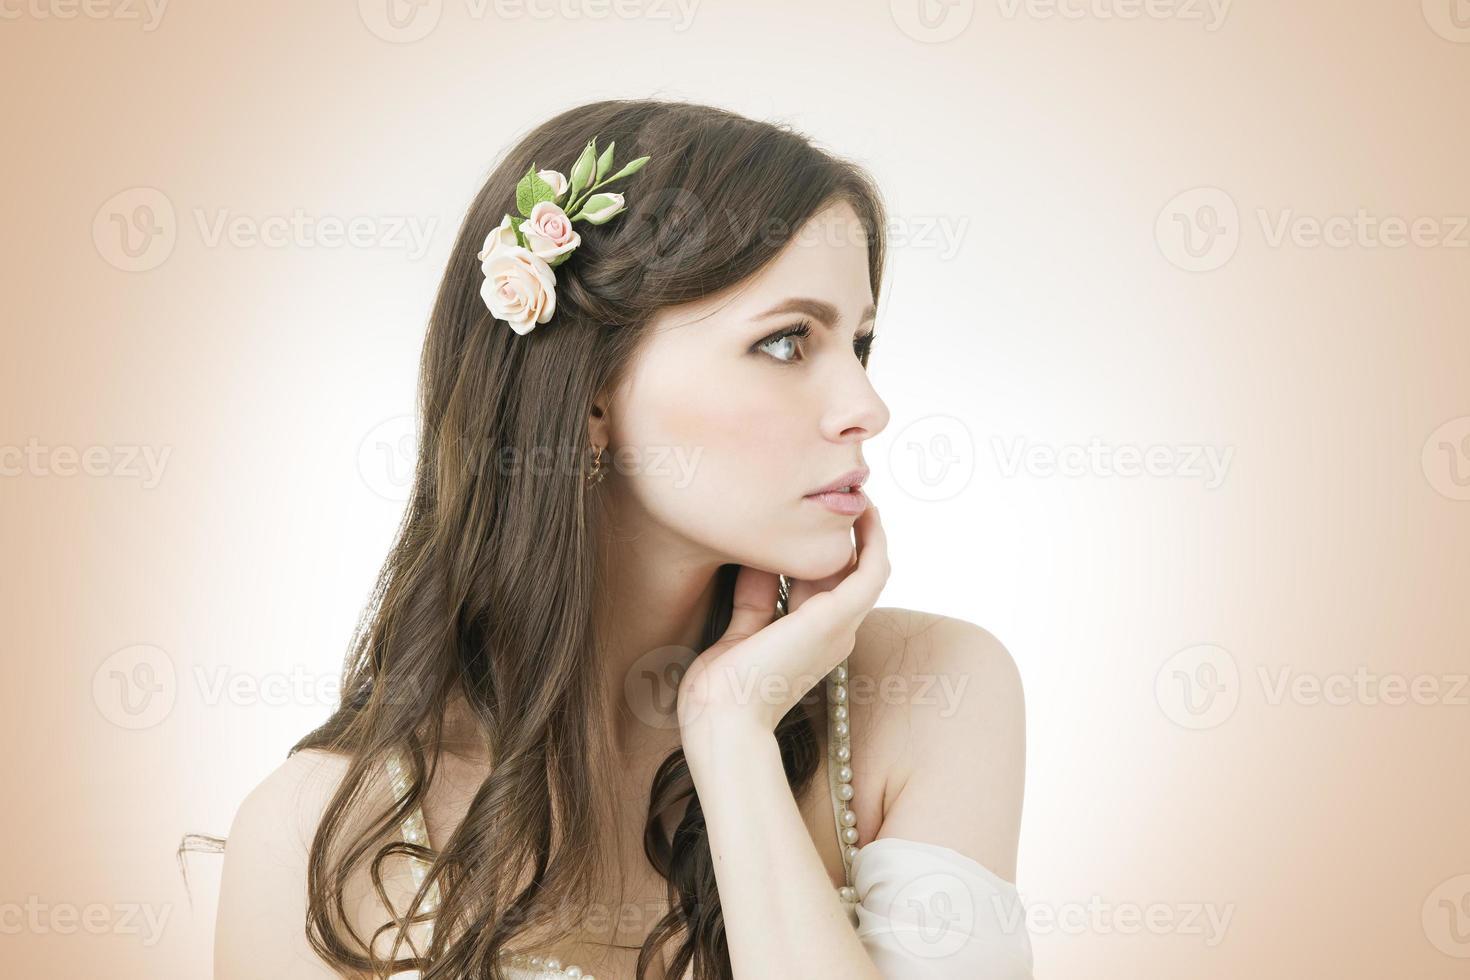 studio portret van een jonge mooie bruid foto